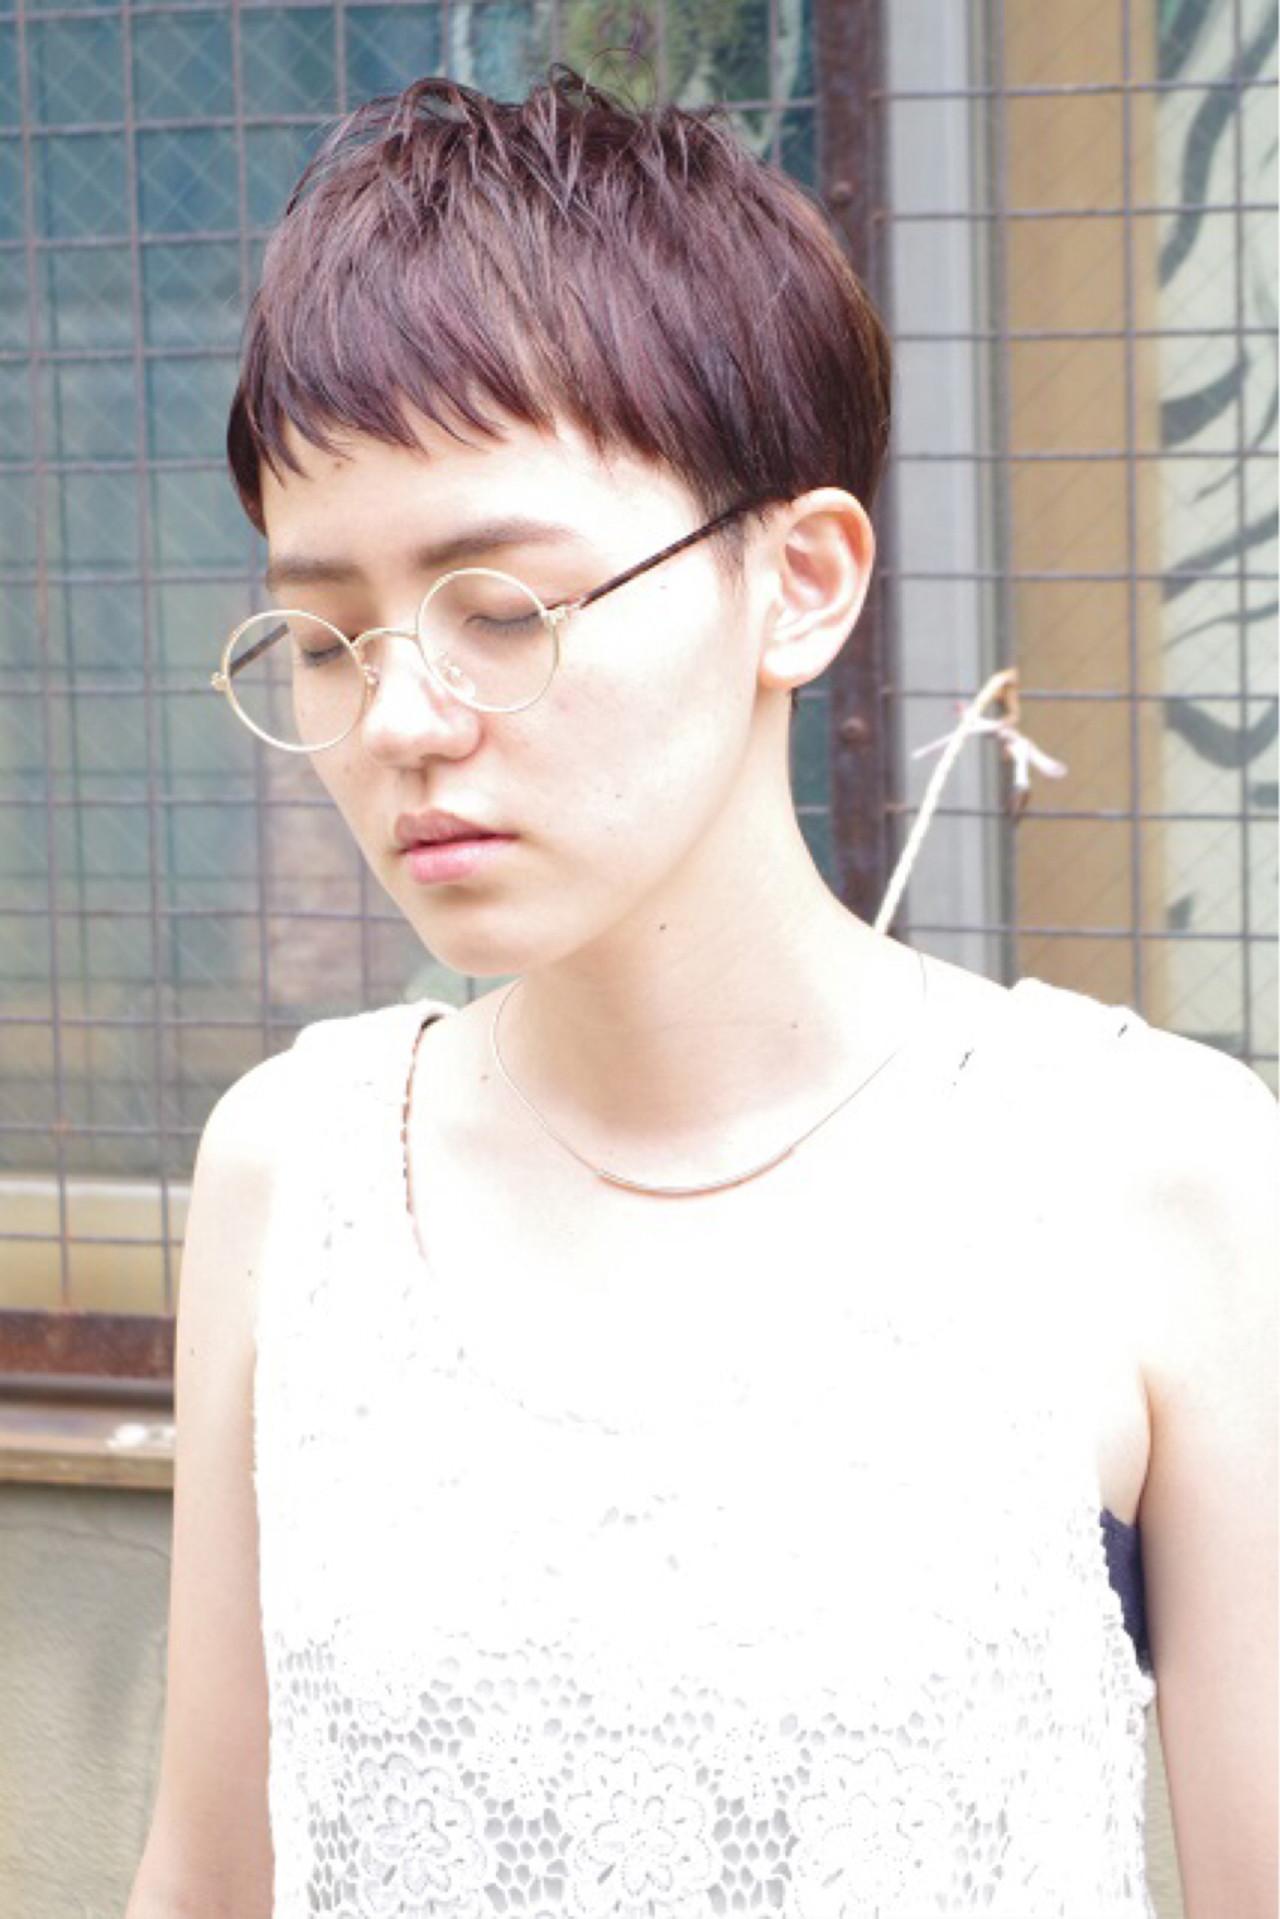 ショート ウェットヘア ハイライト ピュア ヘアスタイルや髪型の写真・画像